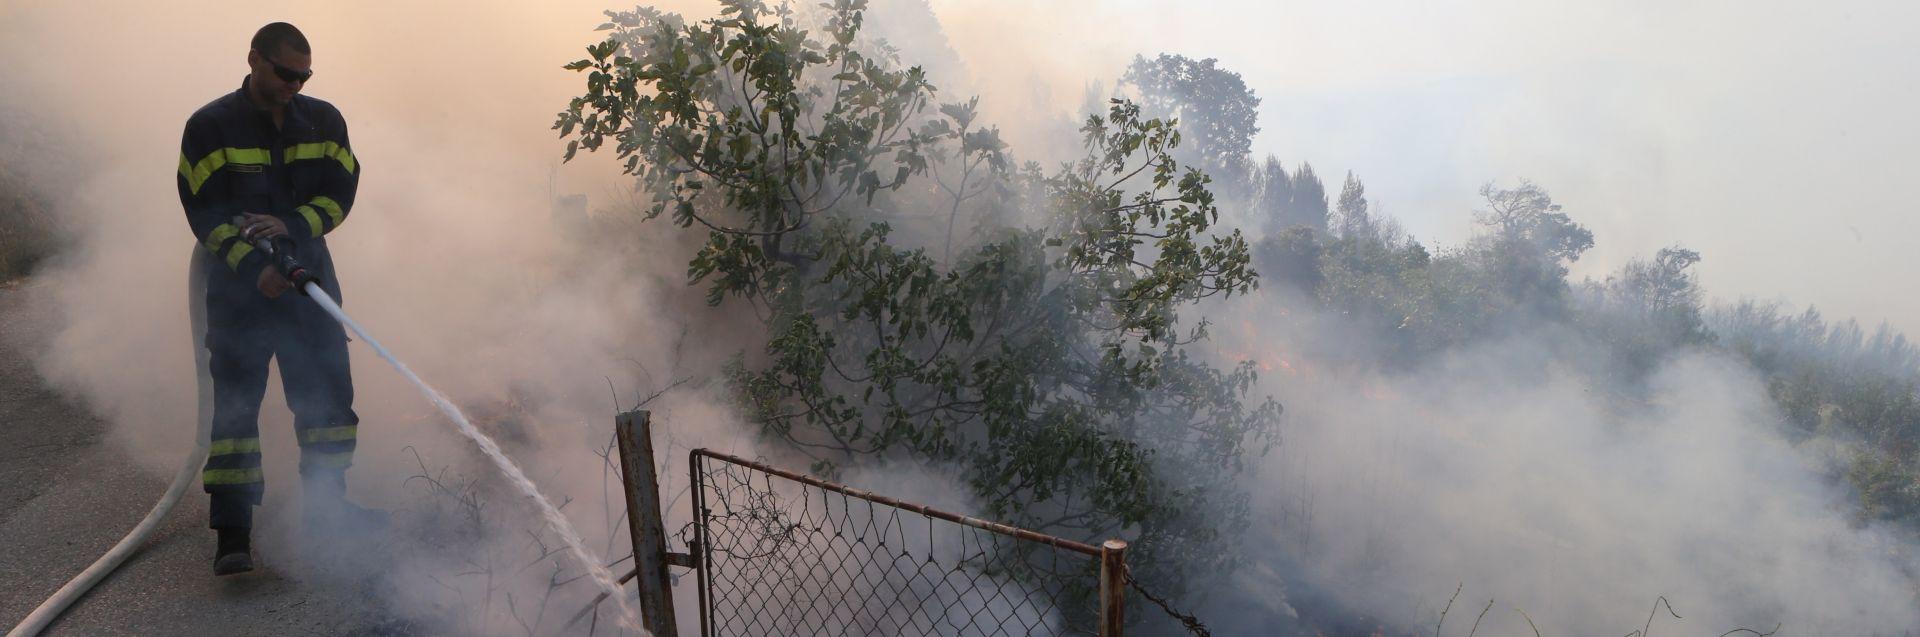 NEBO SE SMILOVALO: Iznenadna kiša ugasila požar i pomogla nemoćnim vatrogascima kod Trebinja